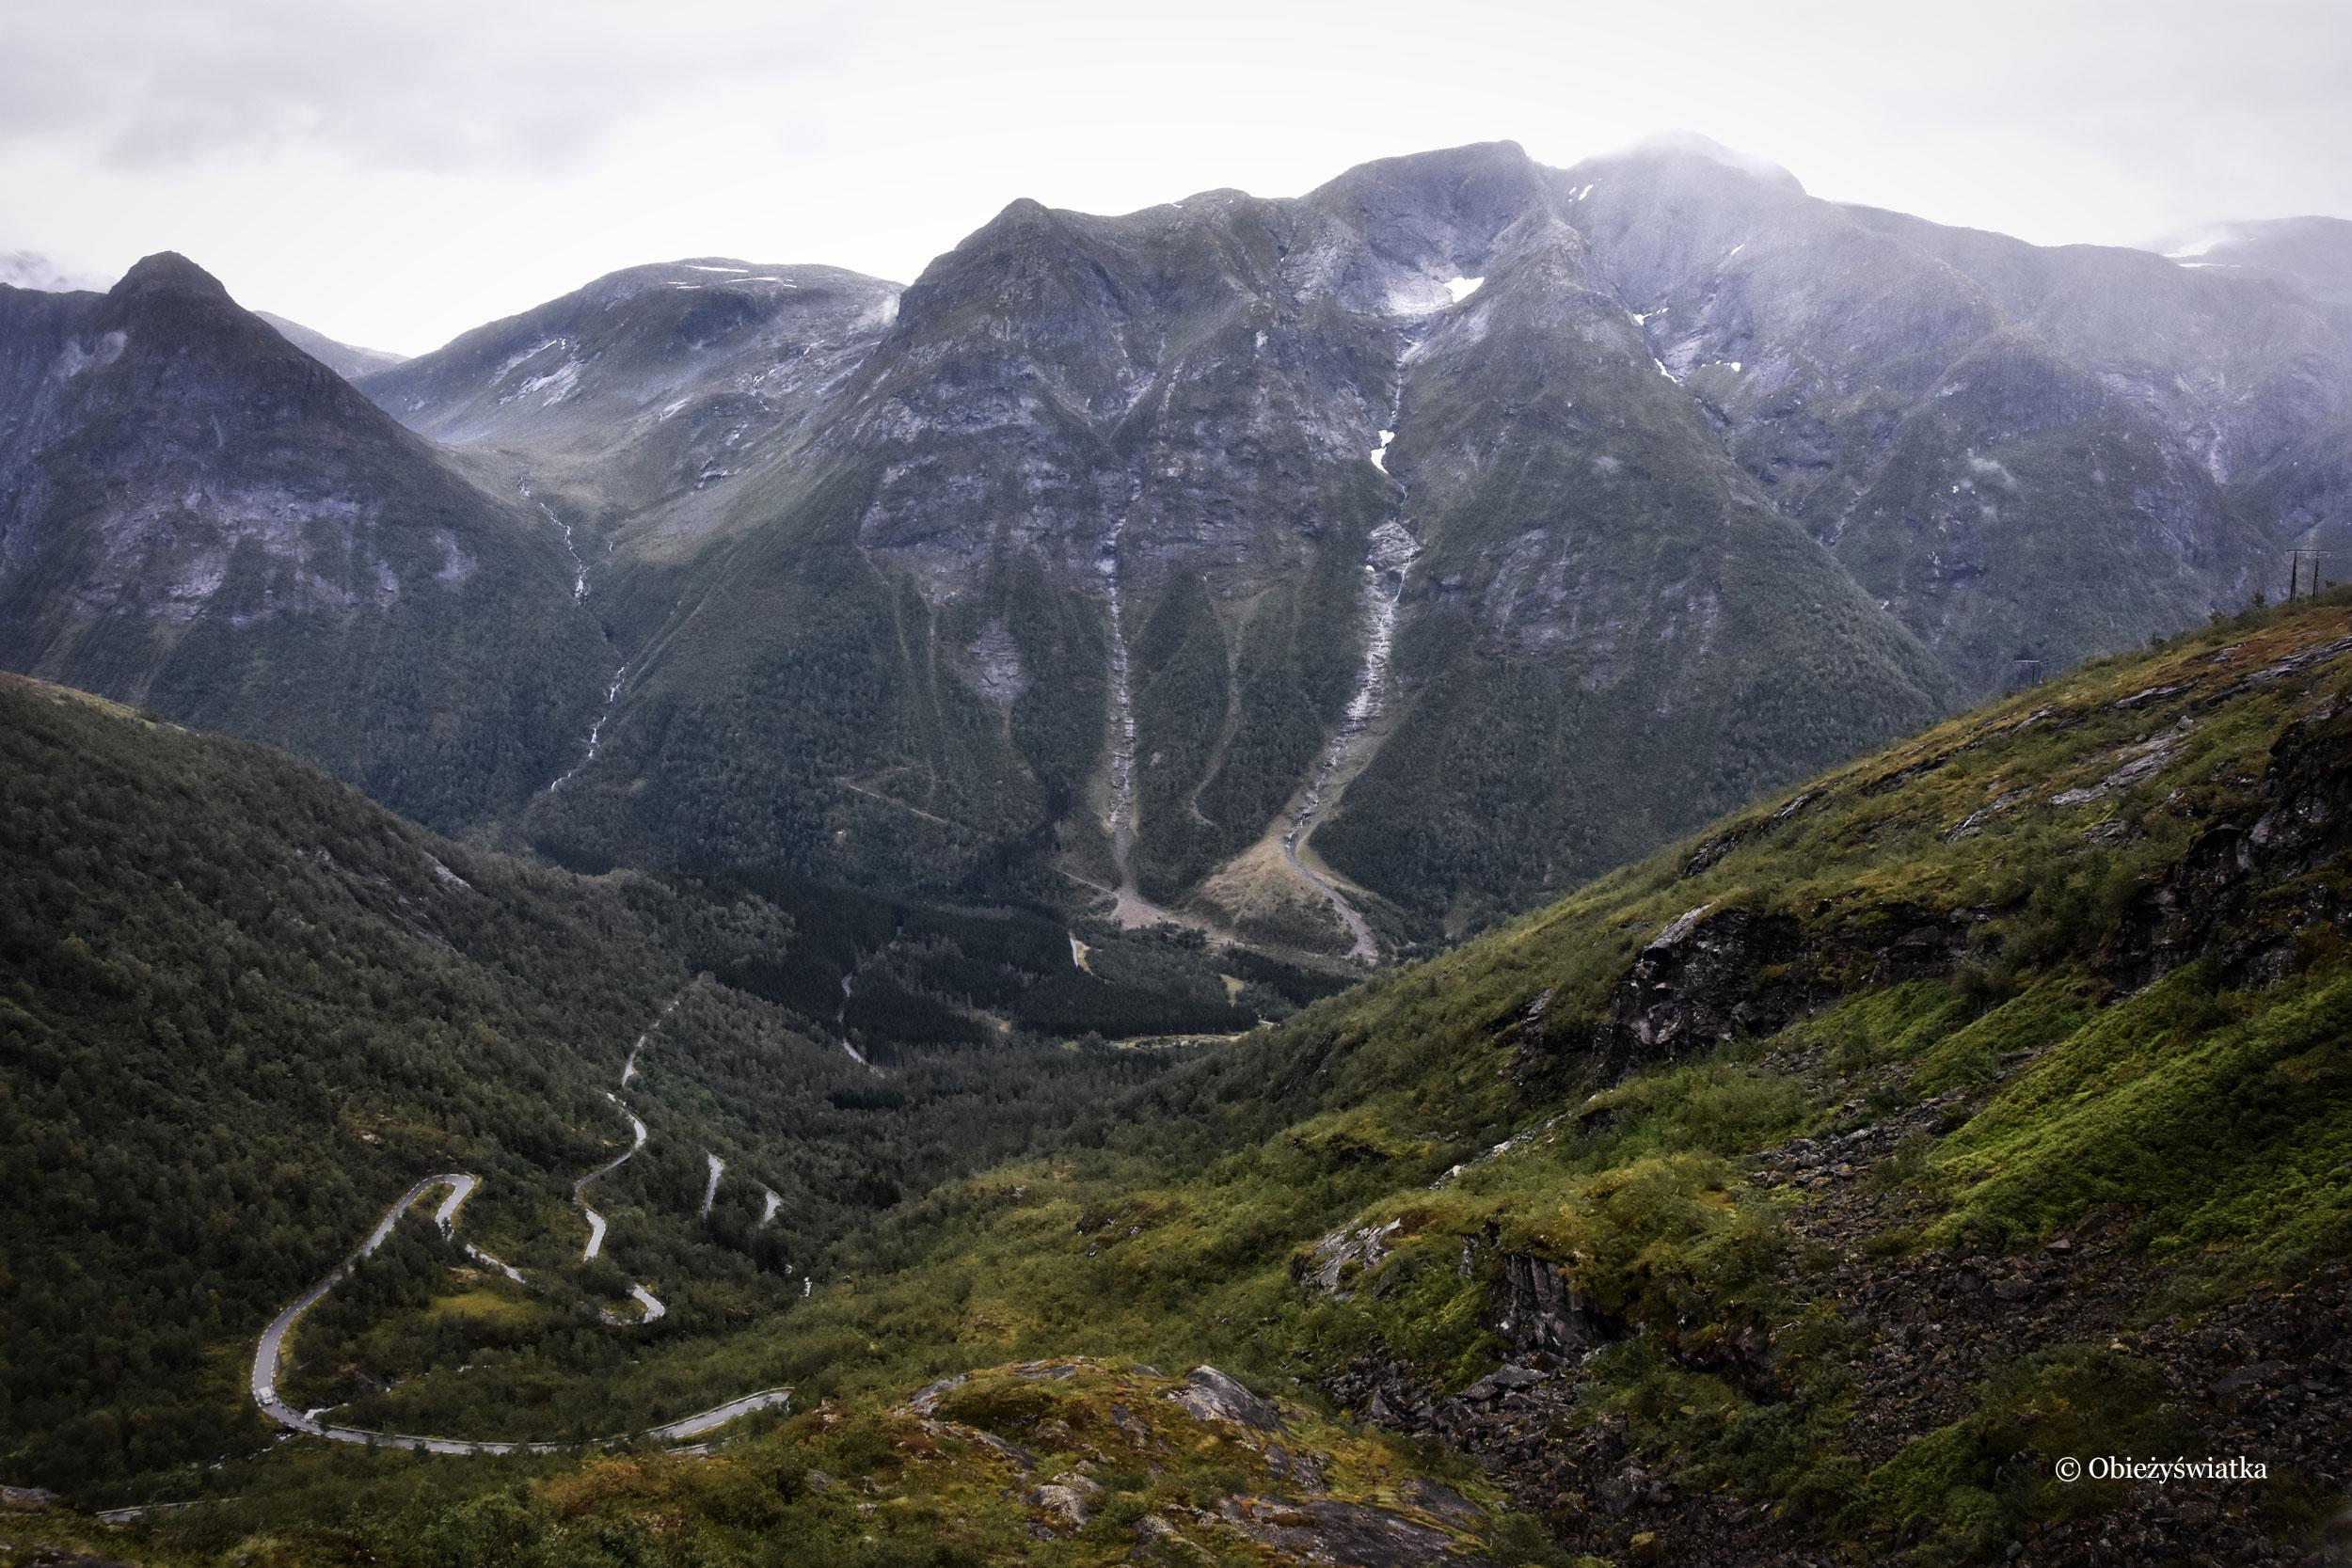 Droga turystyczna przez Gaularfjellet, Norwegia